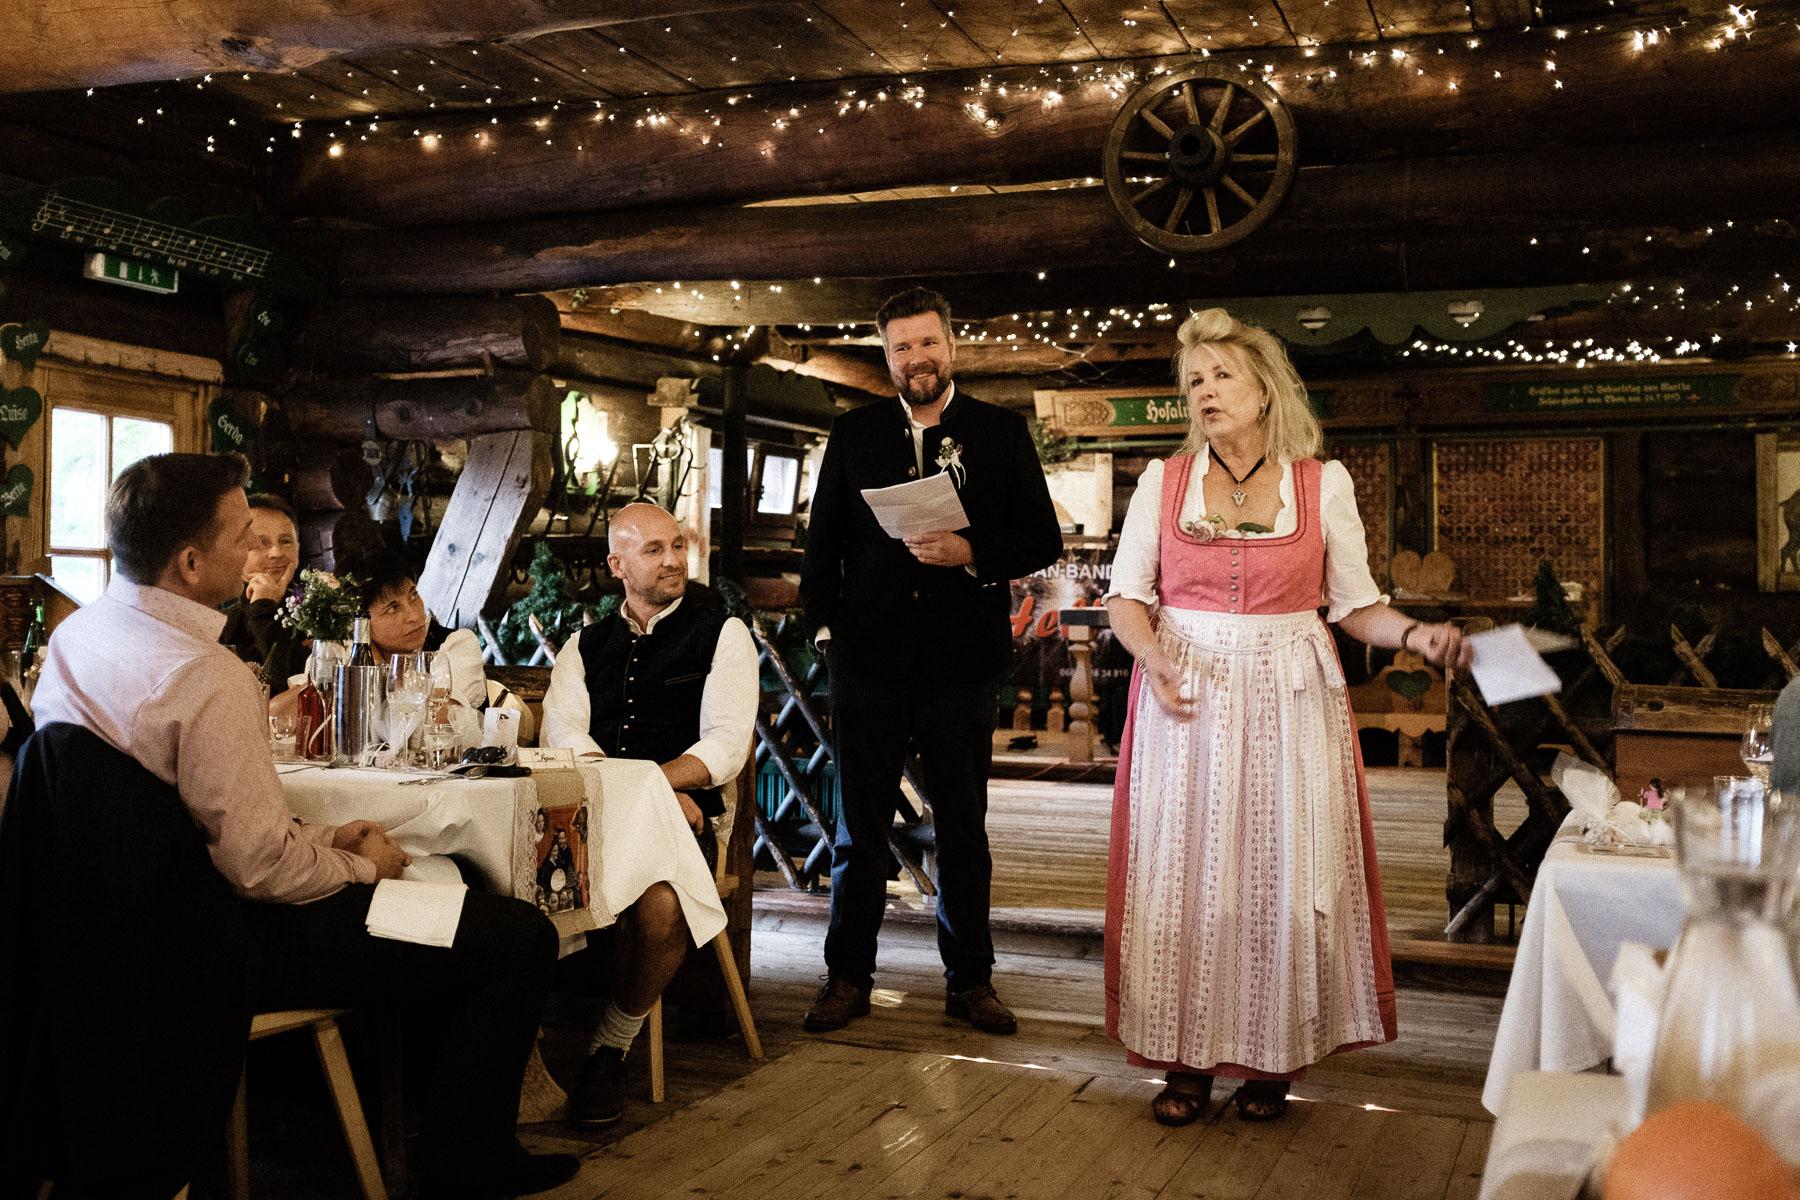 MartinLiebl_Hochzeitsfotograf_DPH_Blog_71.jpg